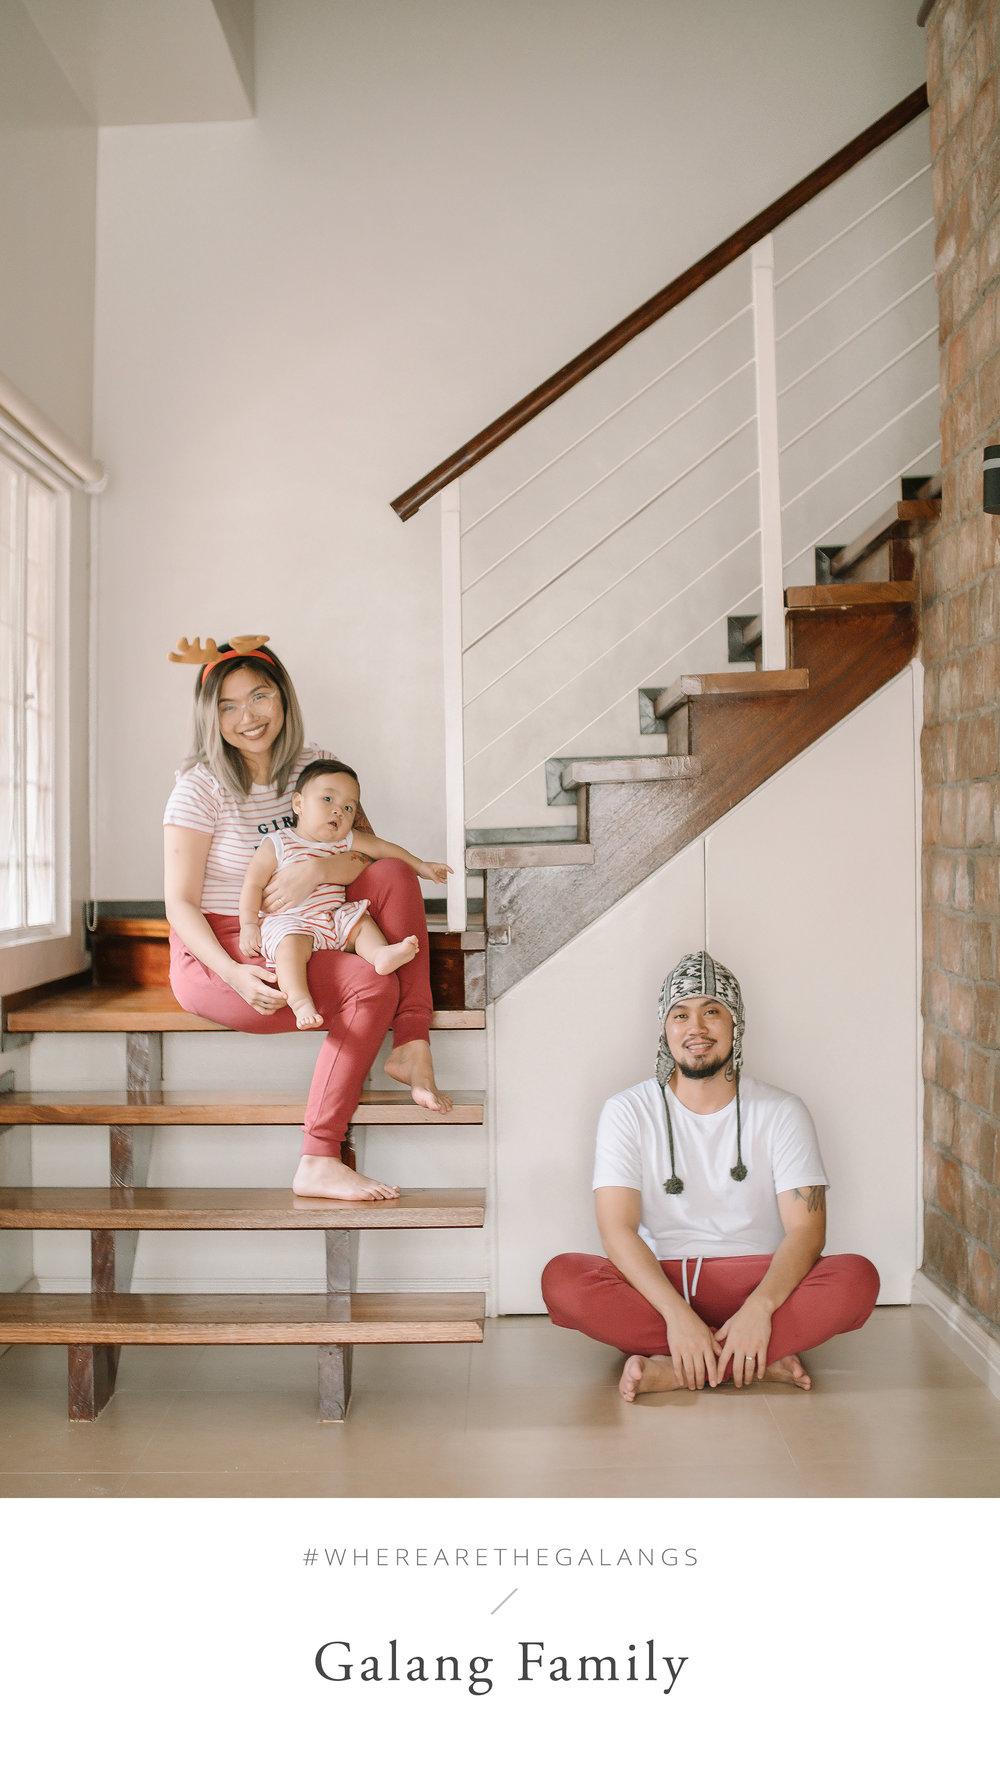 galang family 2.jpg